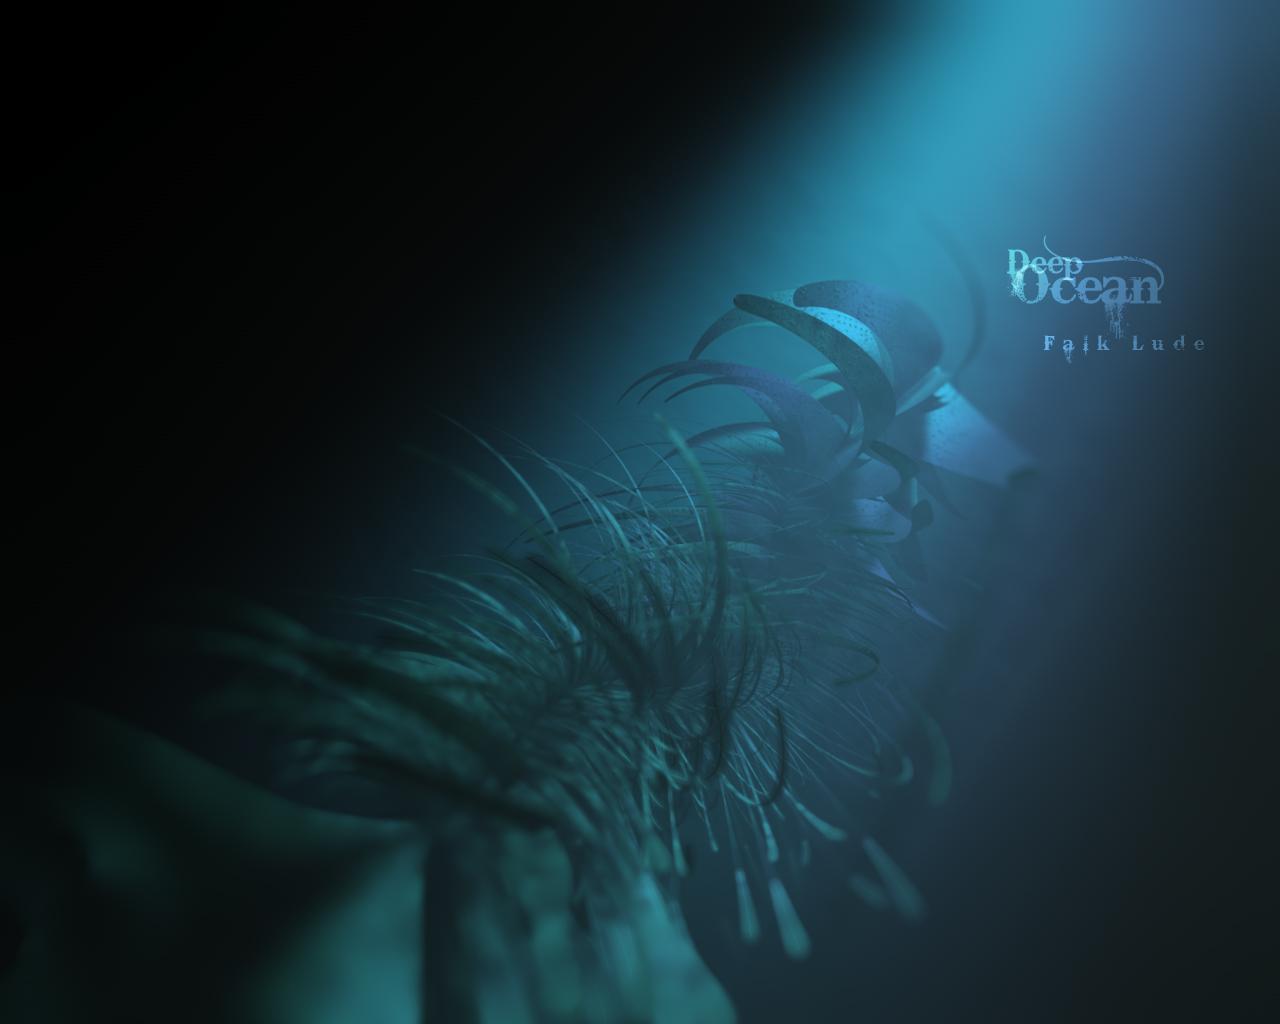 Deep Ocean by Falk Lude   Desktop Wallpaper 1280x1024